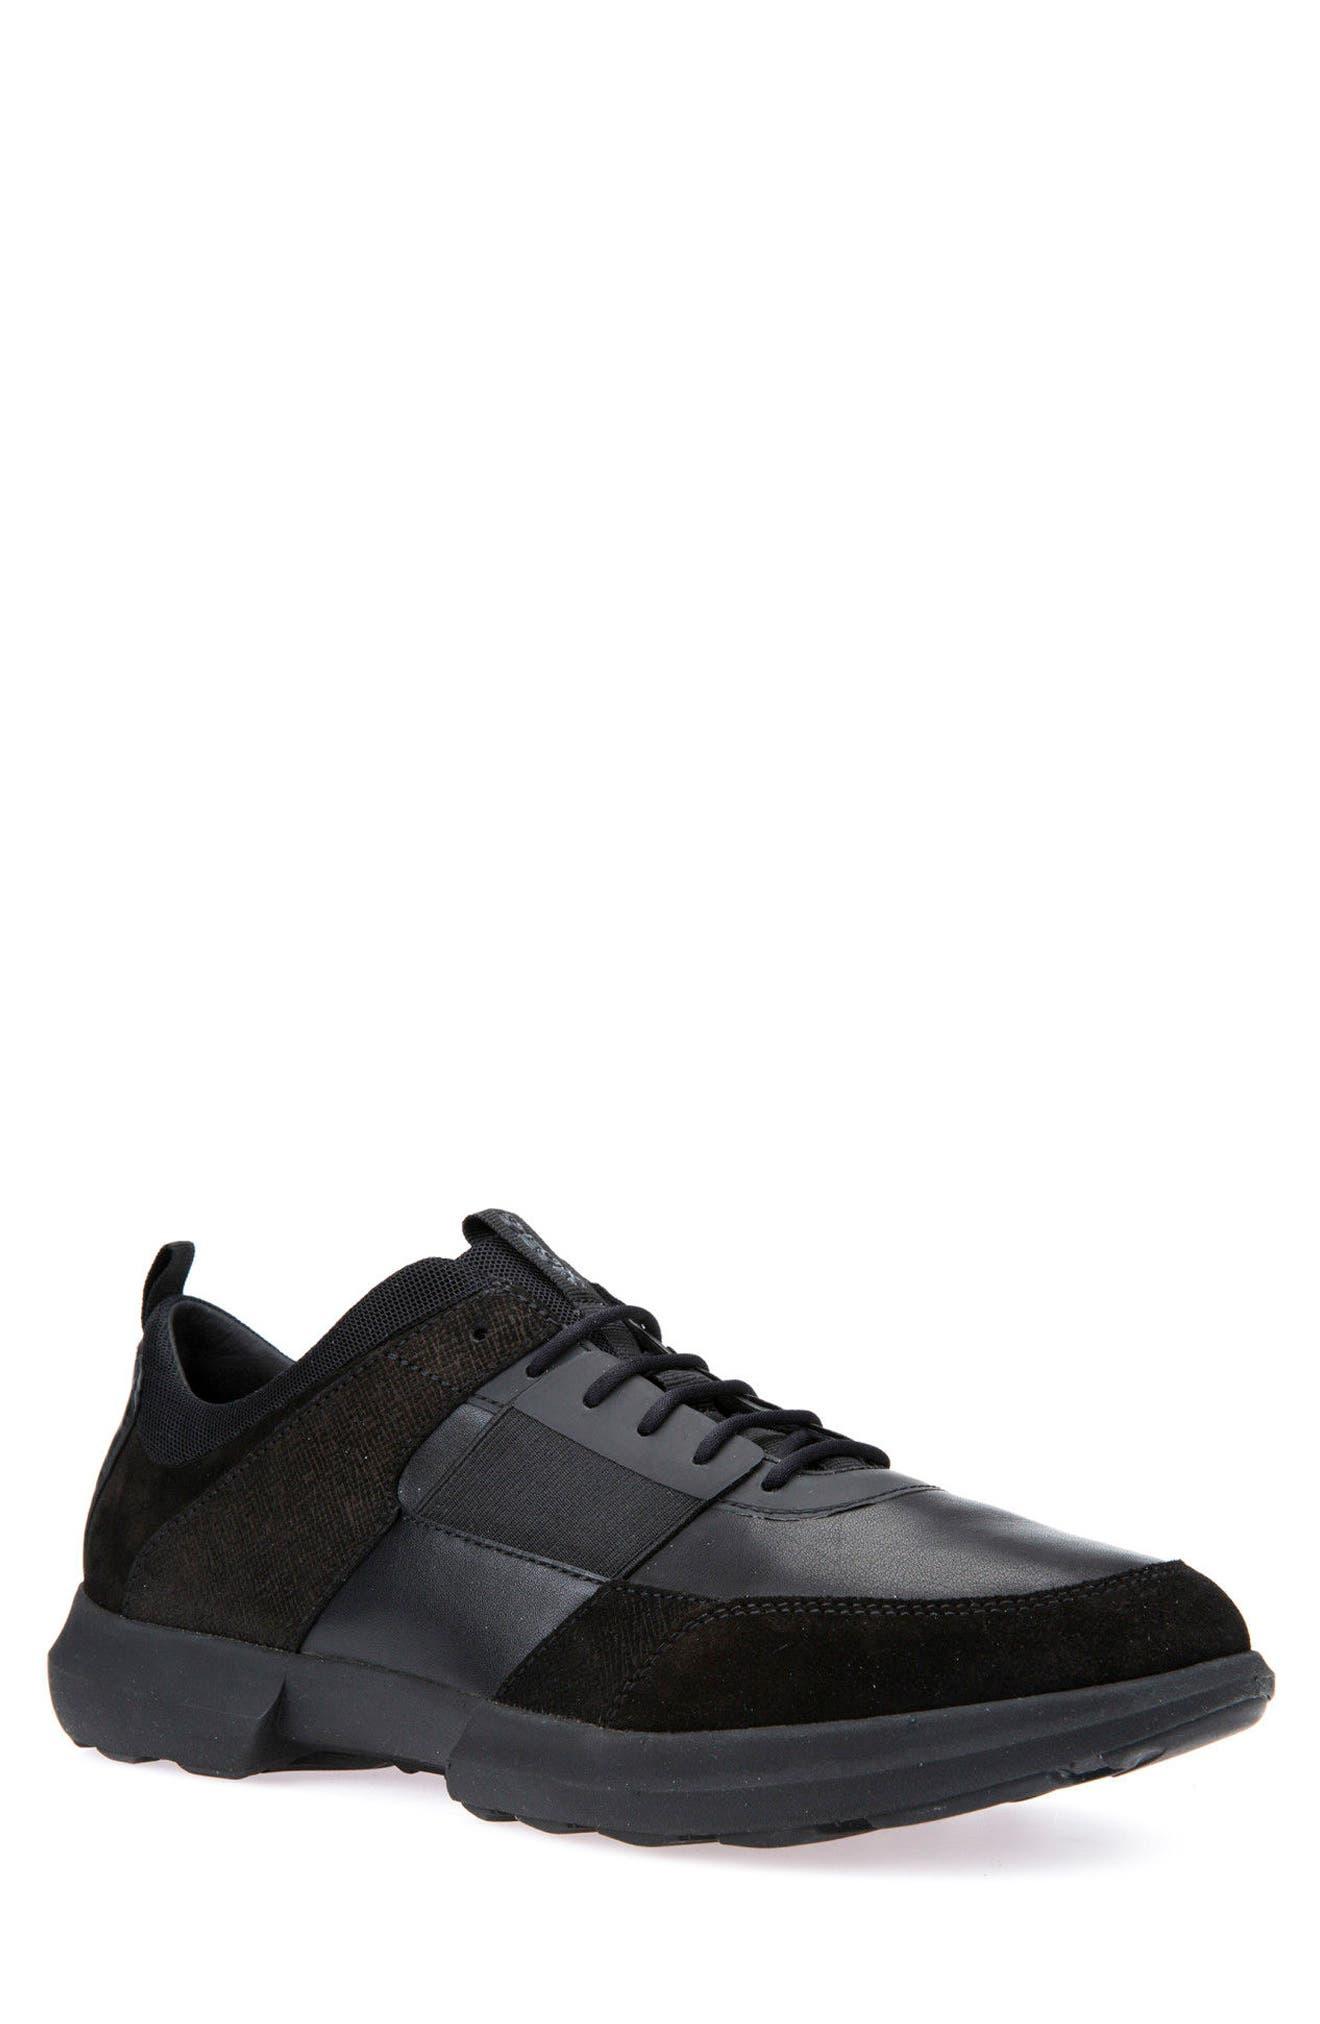 Geox Traccia 6 Sneaker (Men)